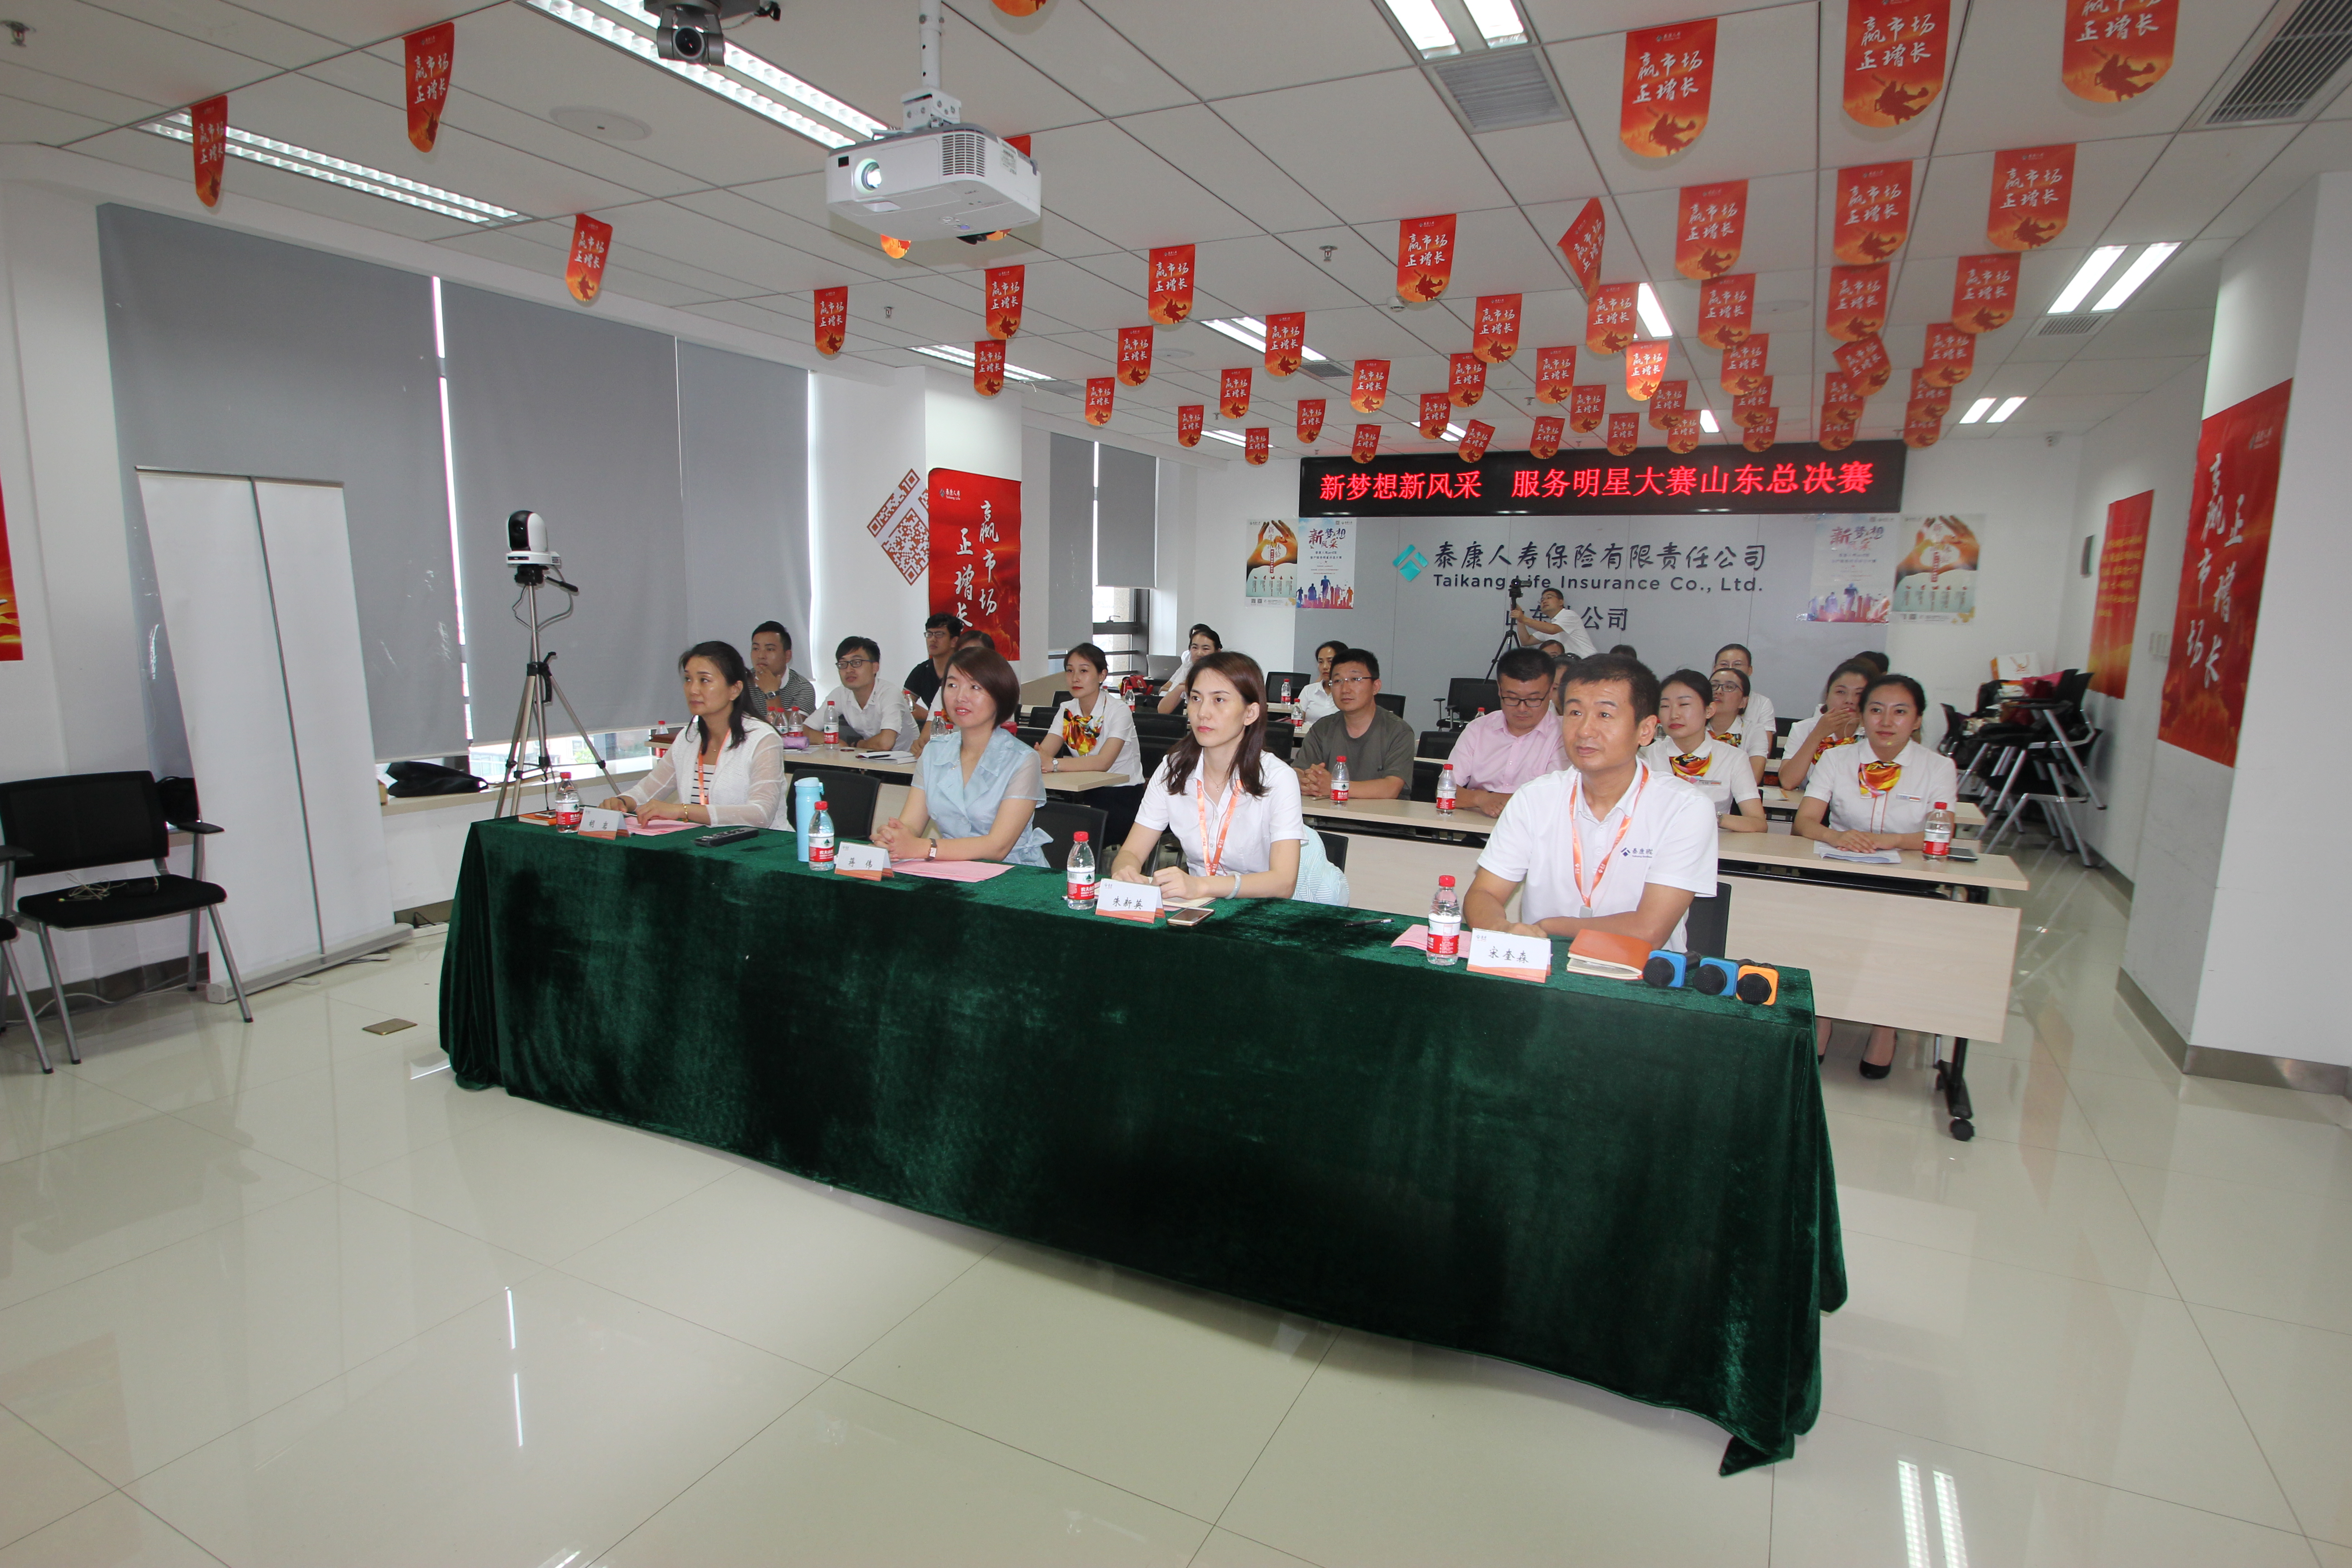 泰康人寿山东分公司举办开展客户服务明星大赛